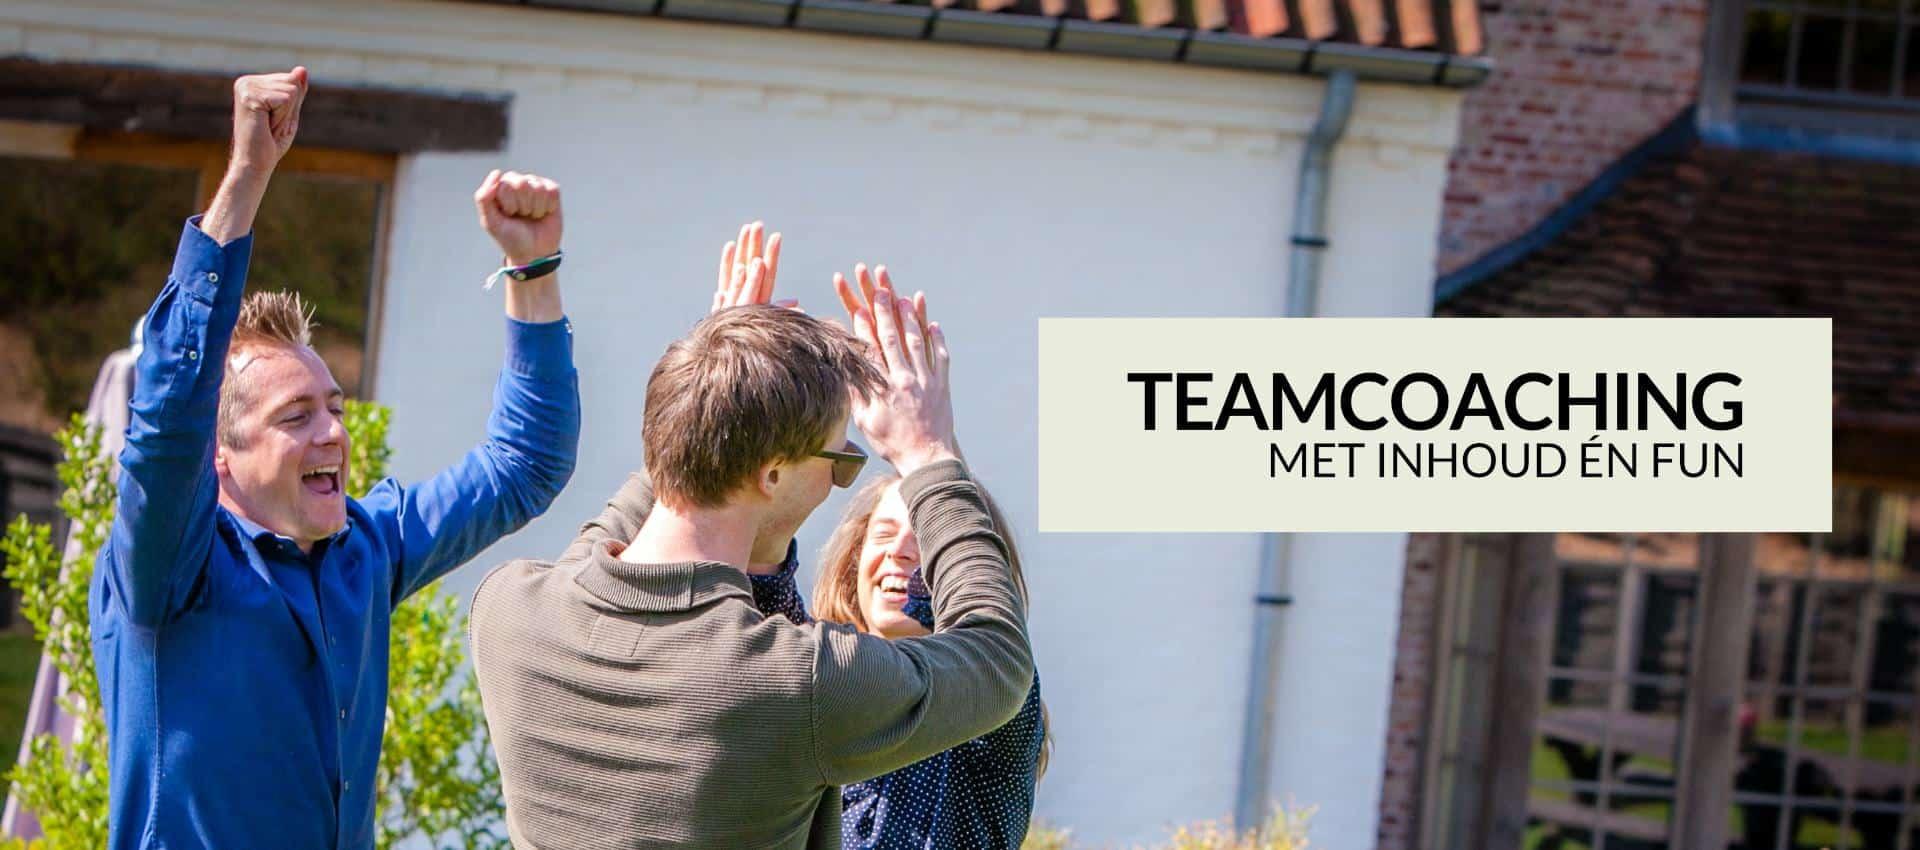 teamcoaching met inhoud + fun